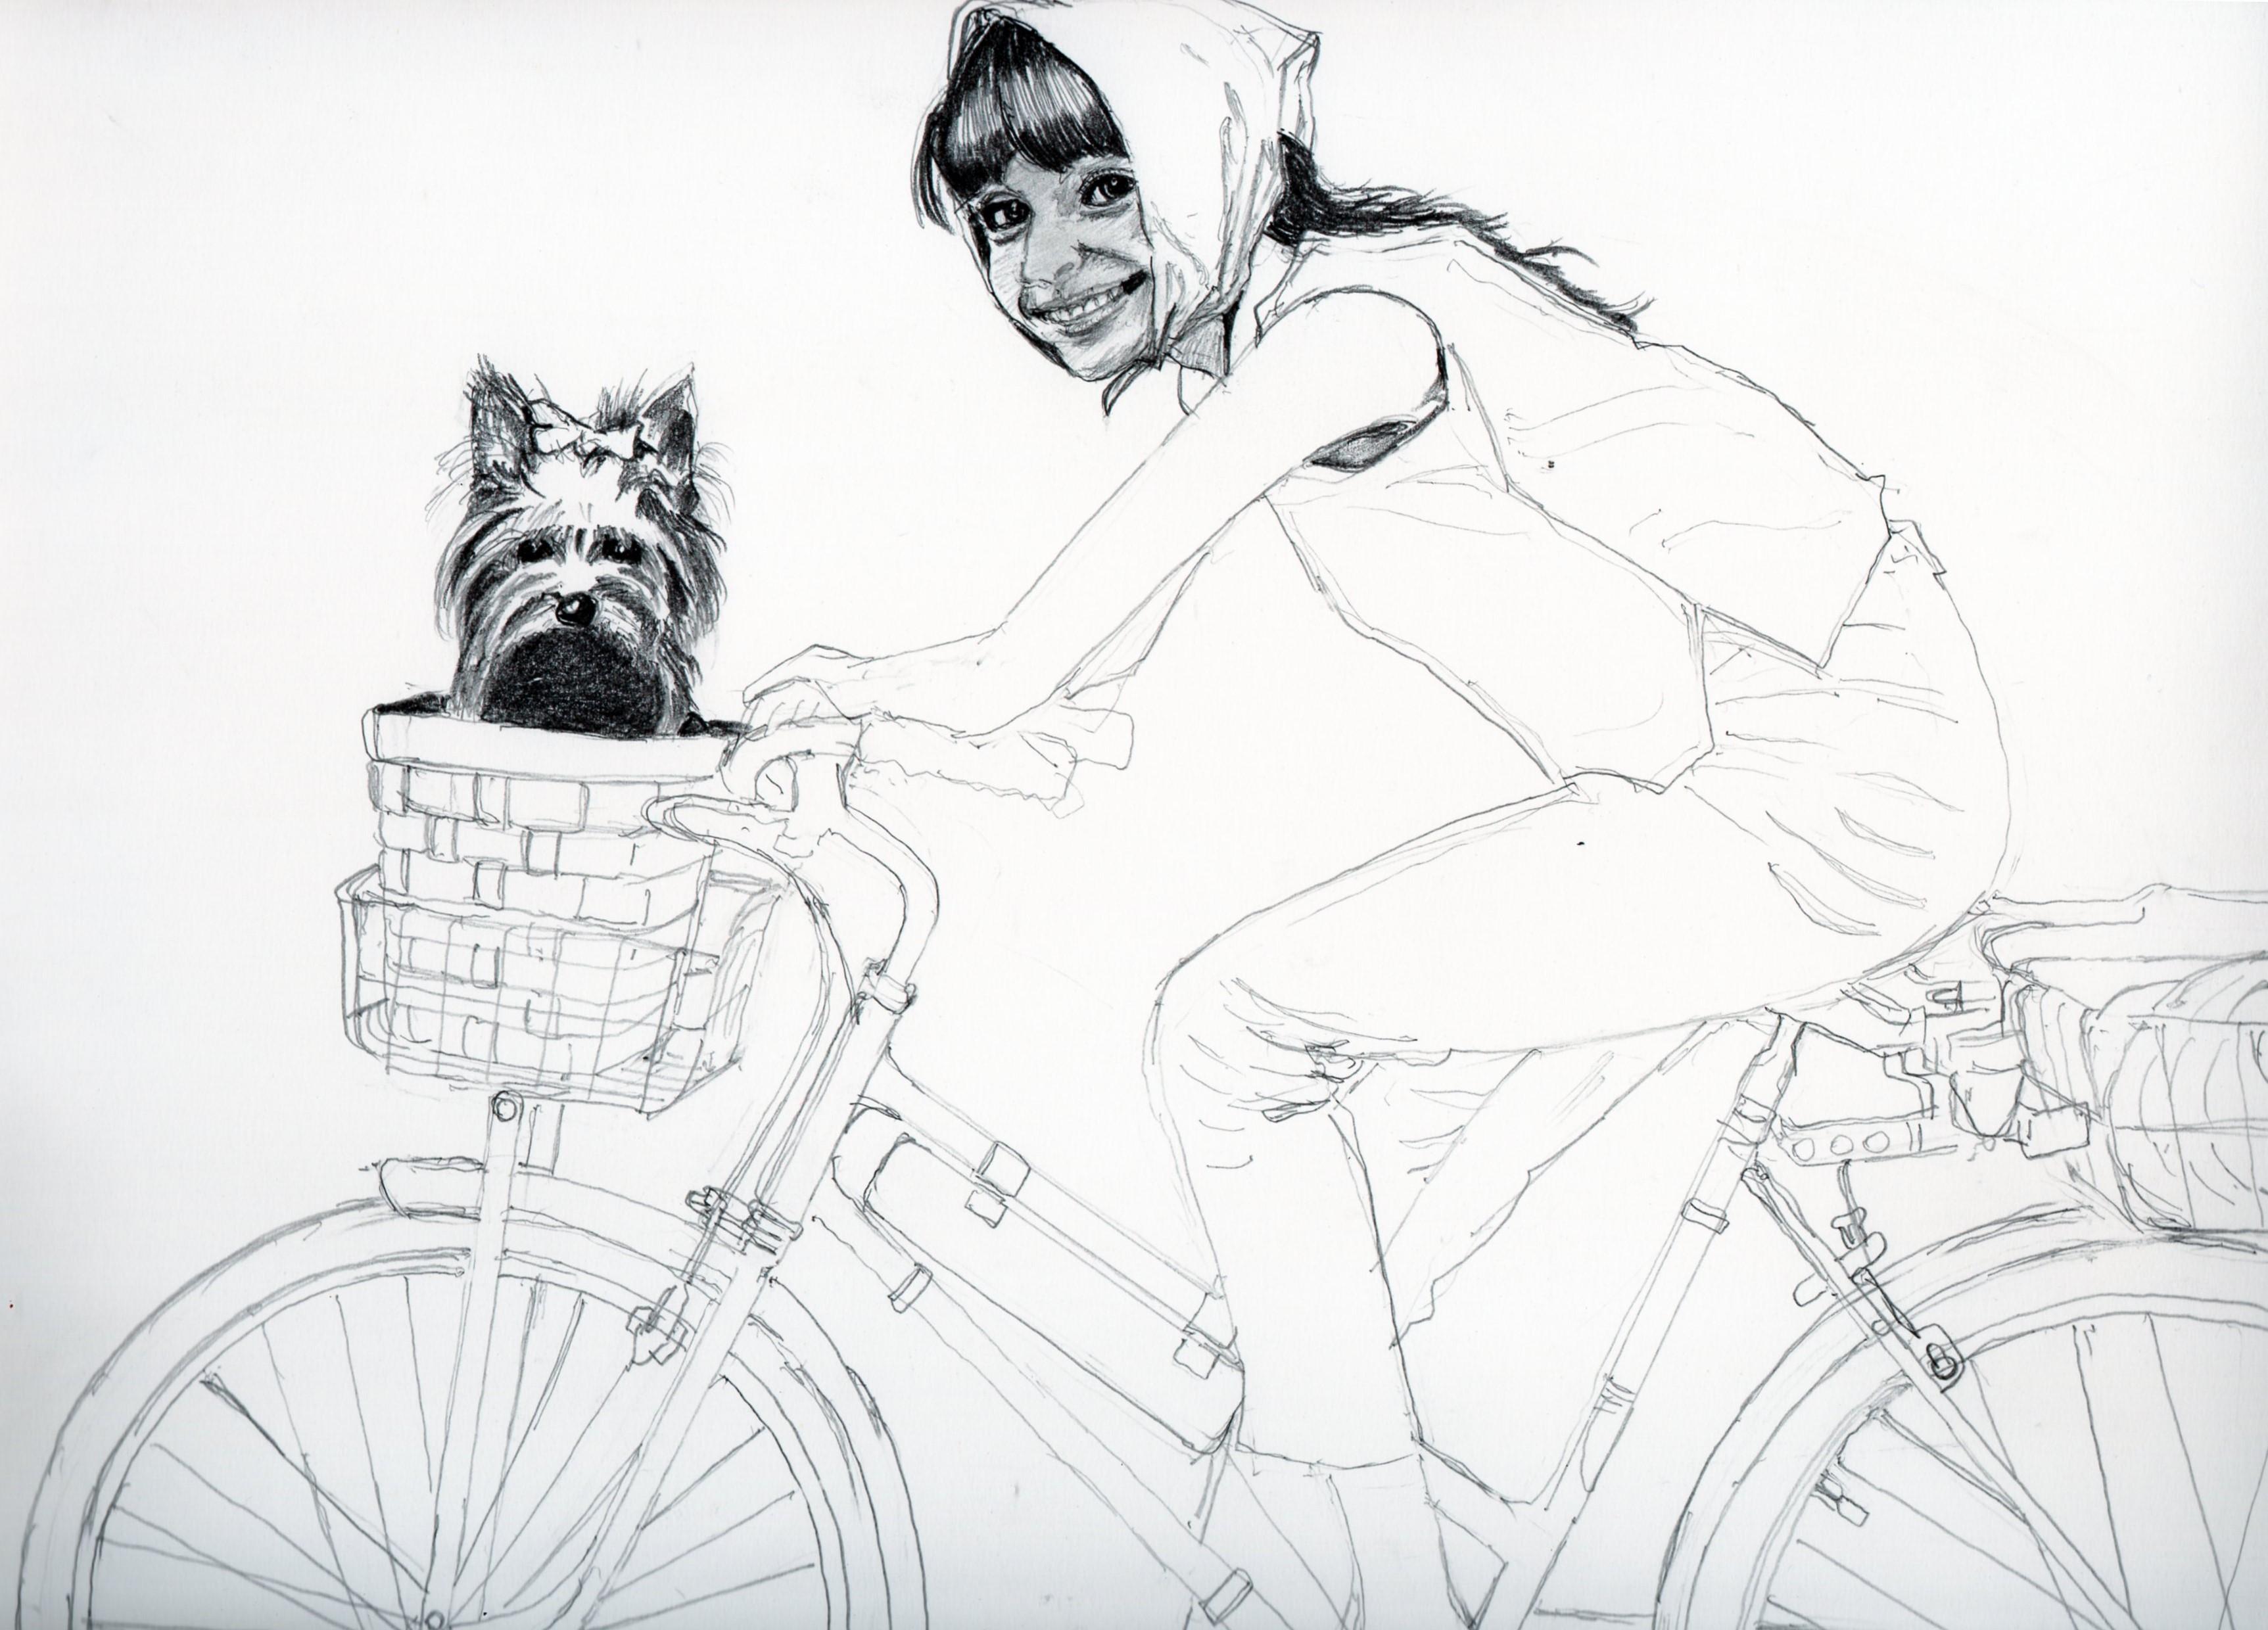 オードリー・ヘプバーンと愛犬の鉛筆画似顔絵、途中経過です